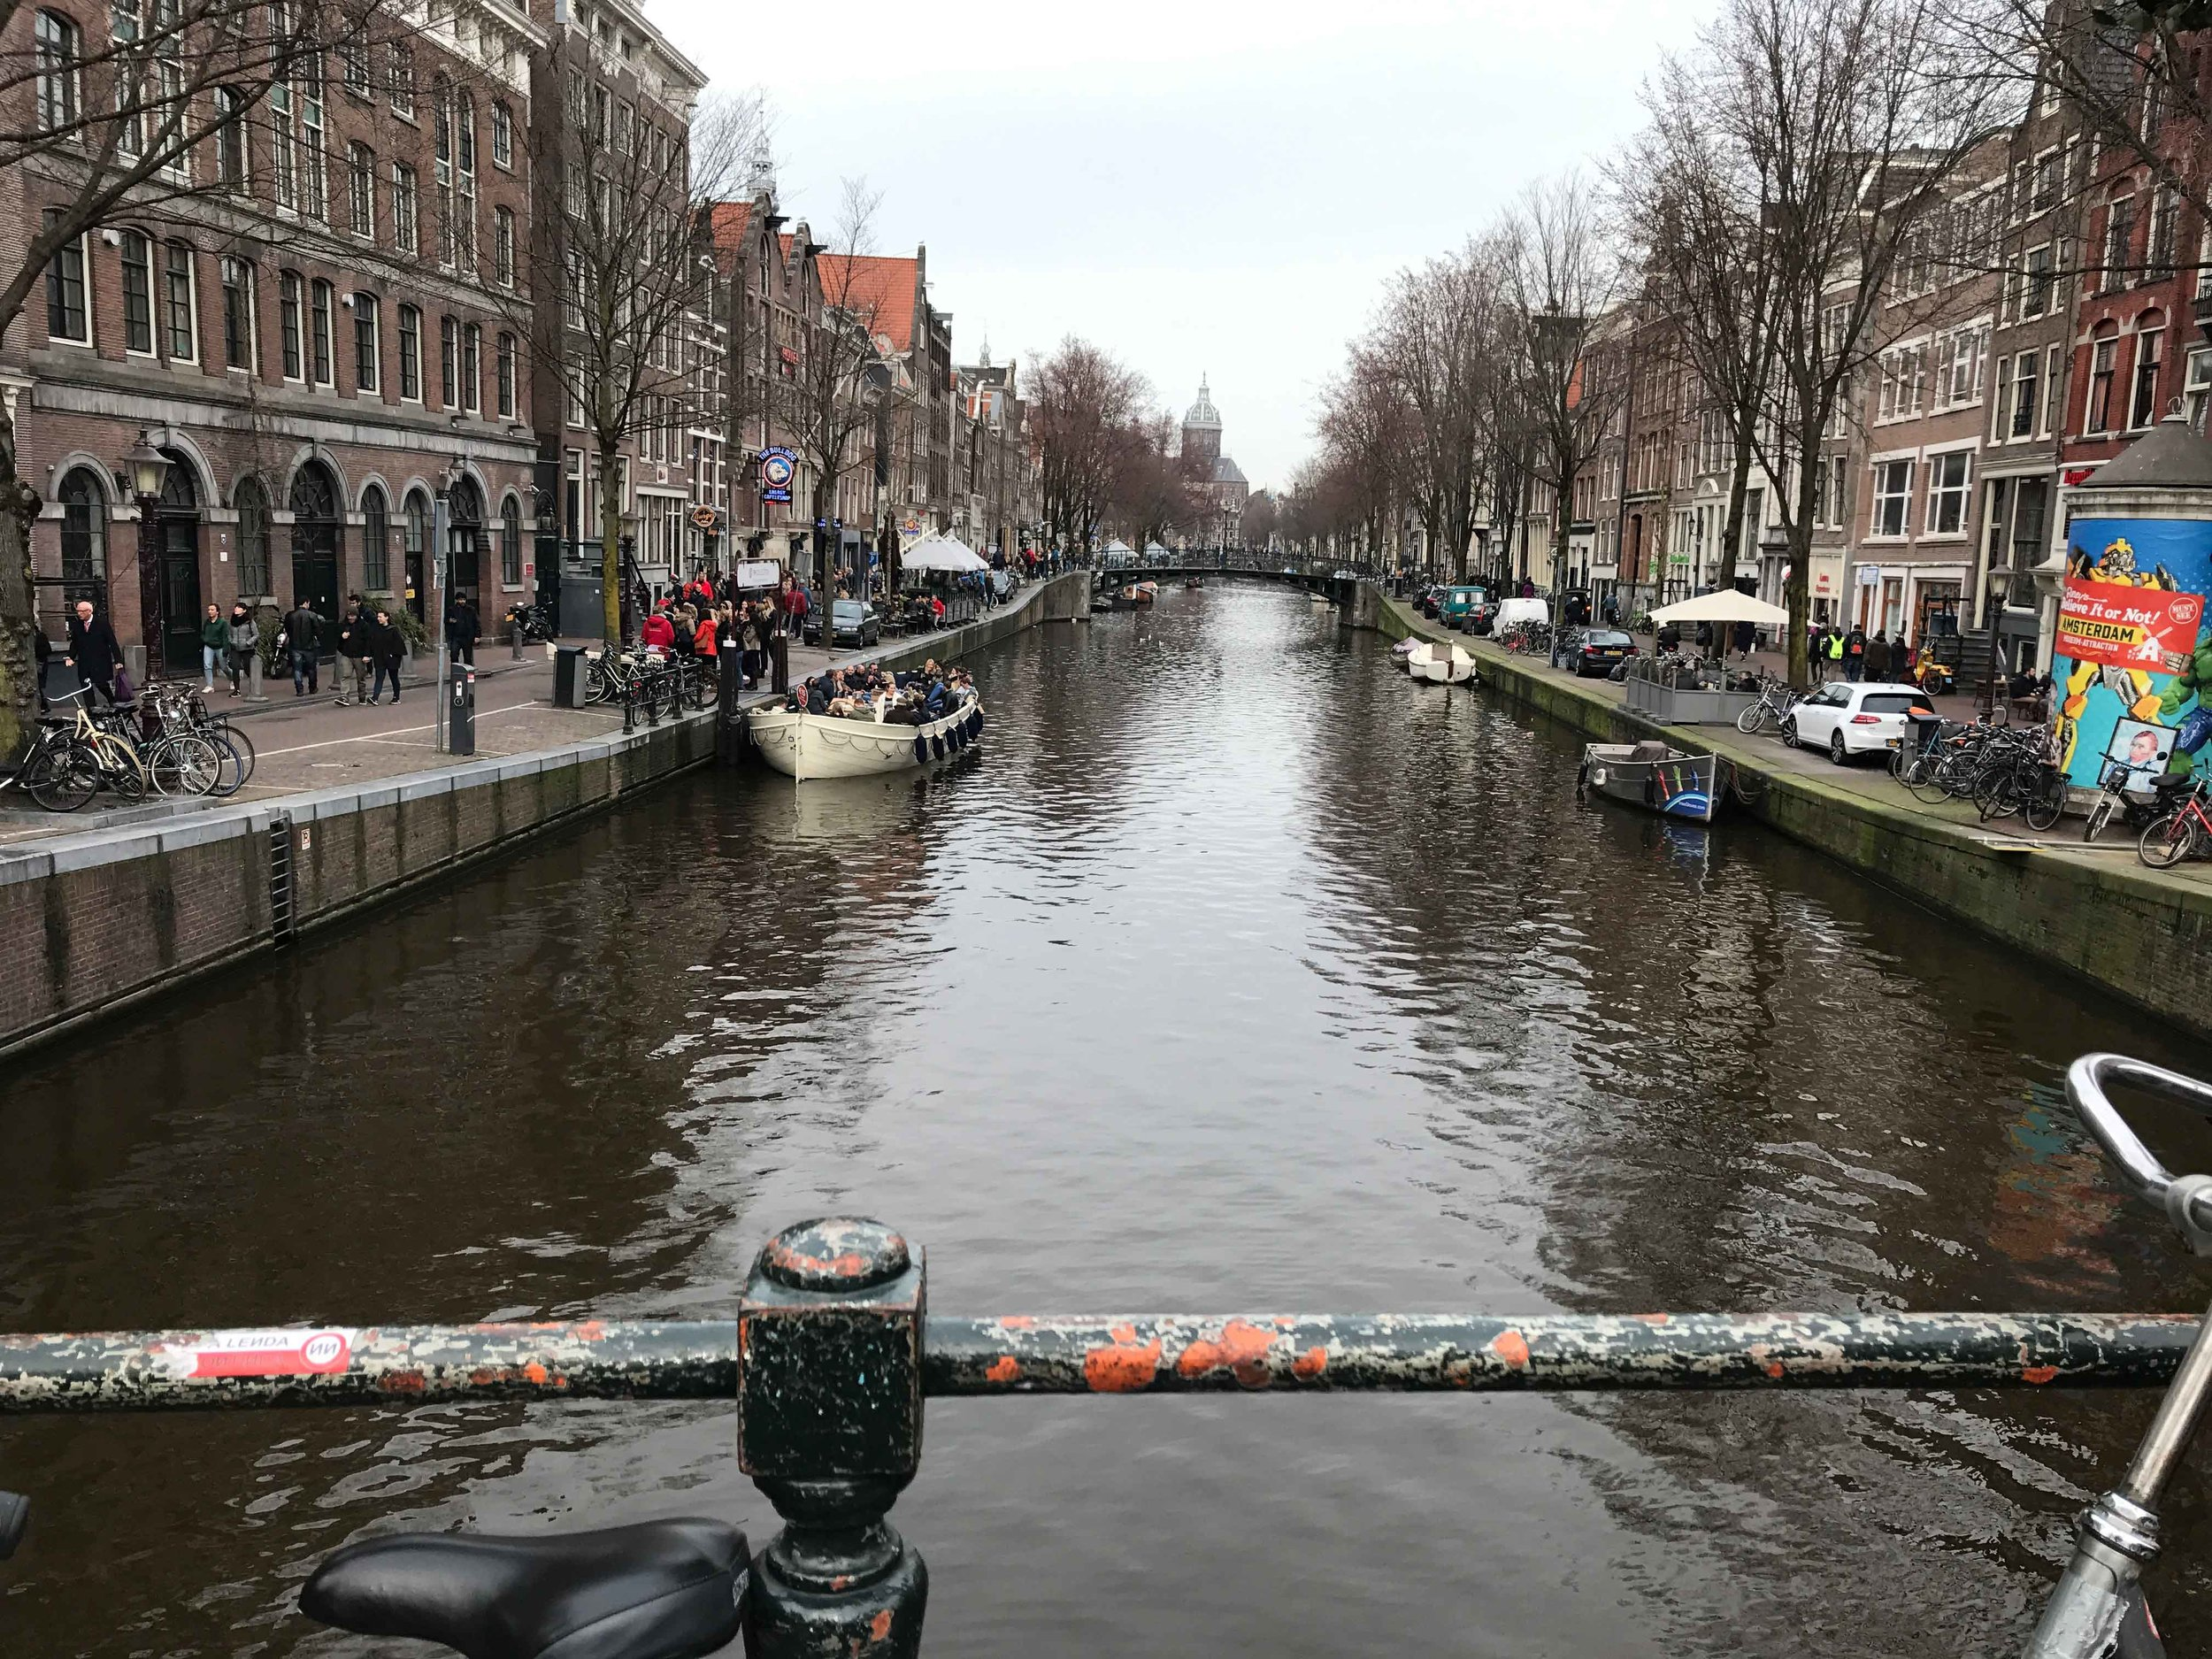 Oudezijds Voorburgwal / Red Light District, Amsterdam. Photo: Gunjan Virk. Image©thingstodot.com